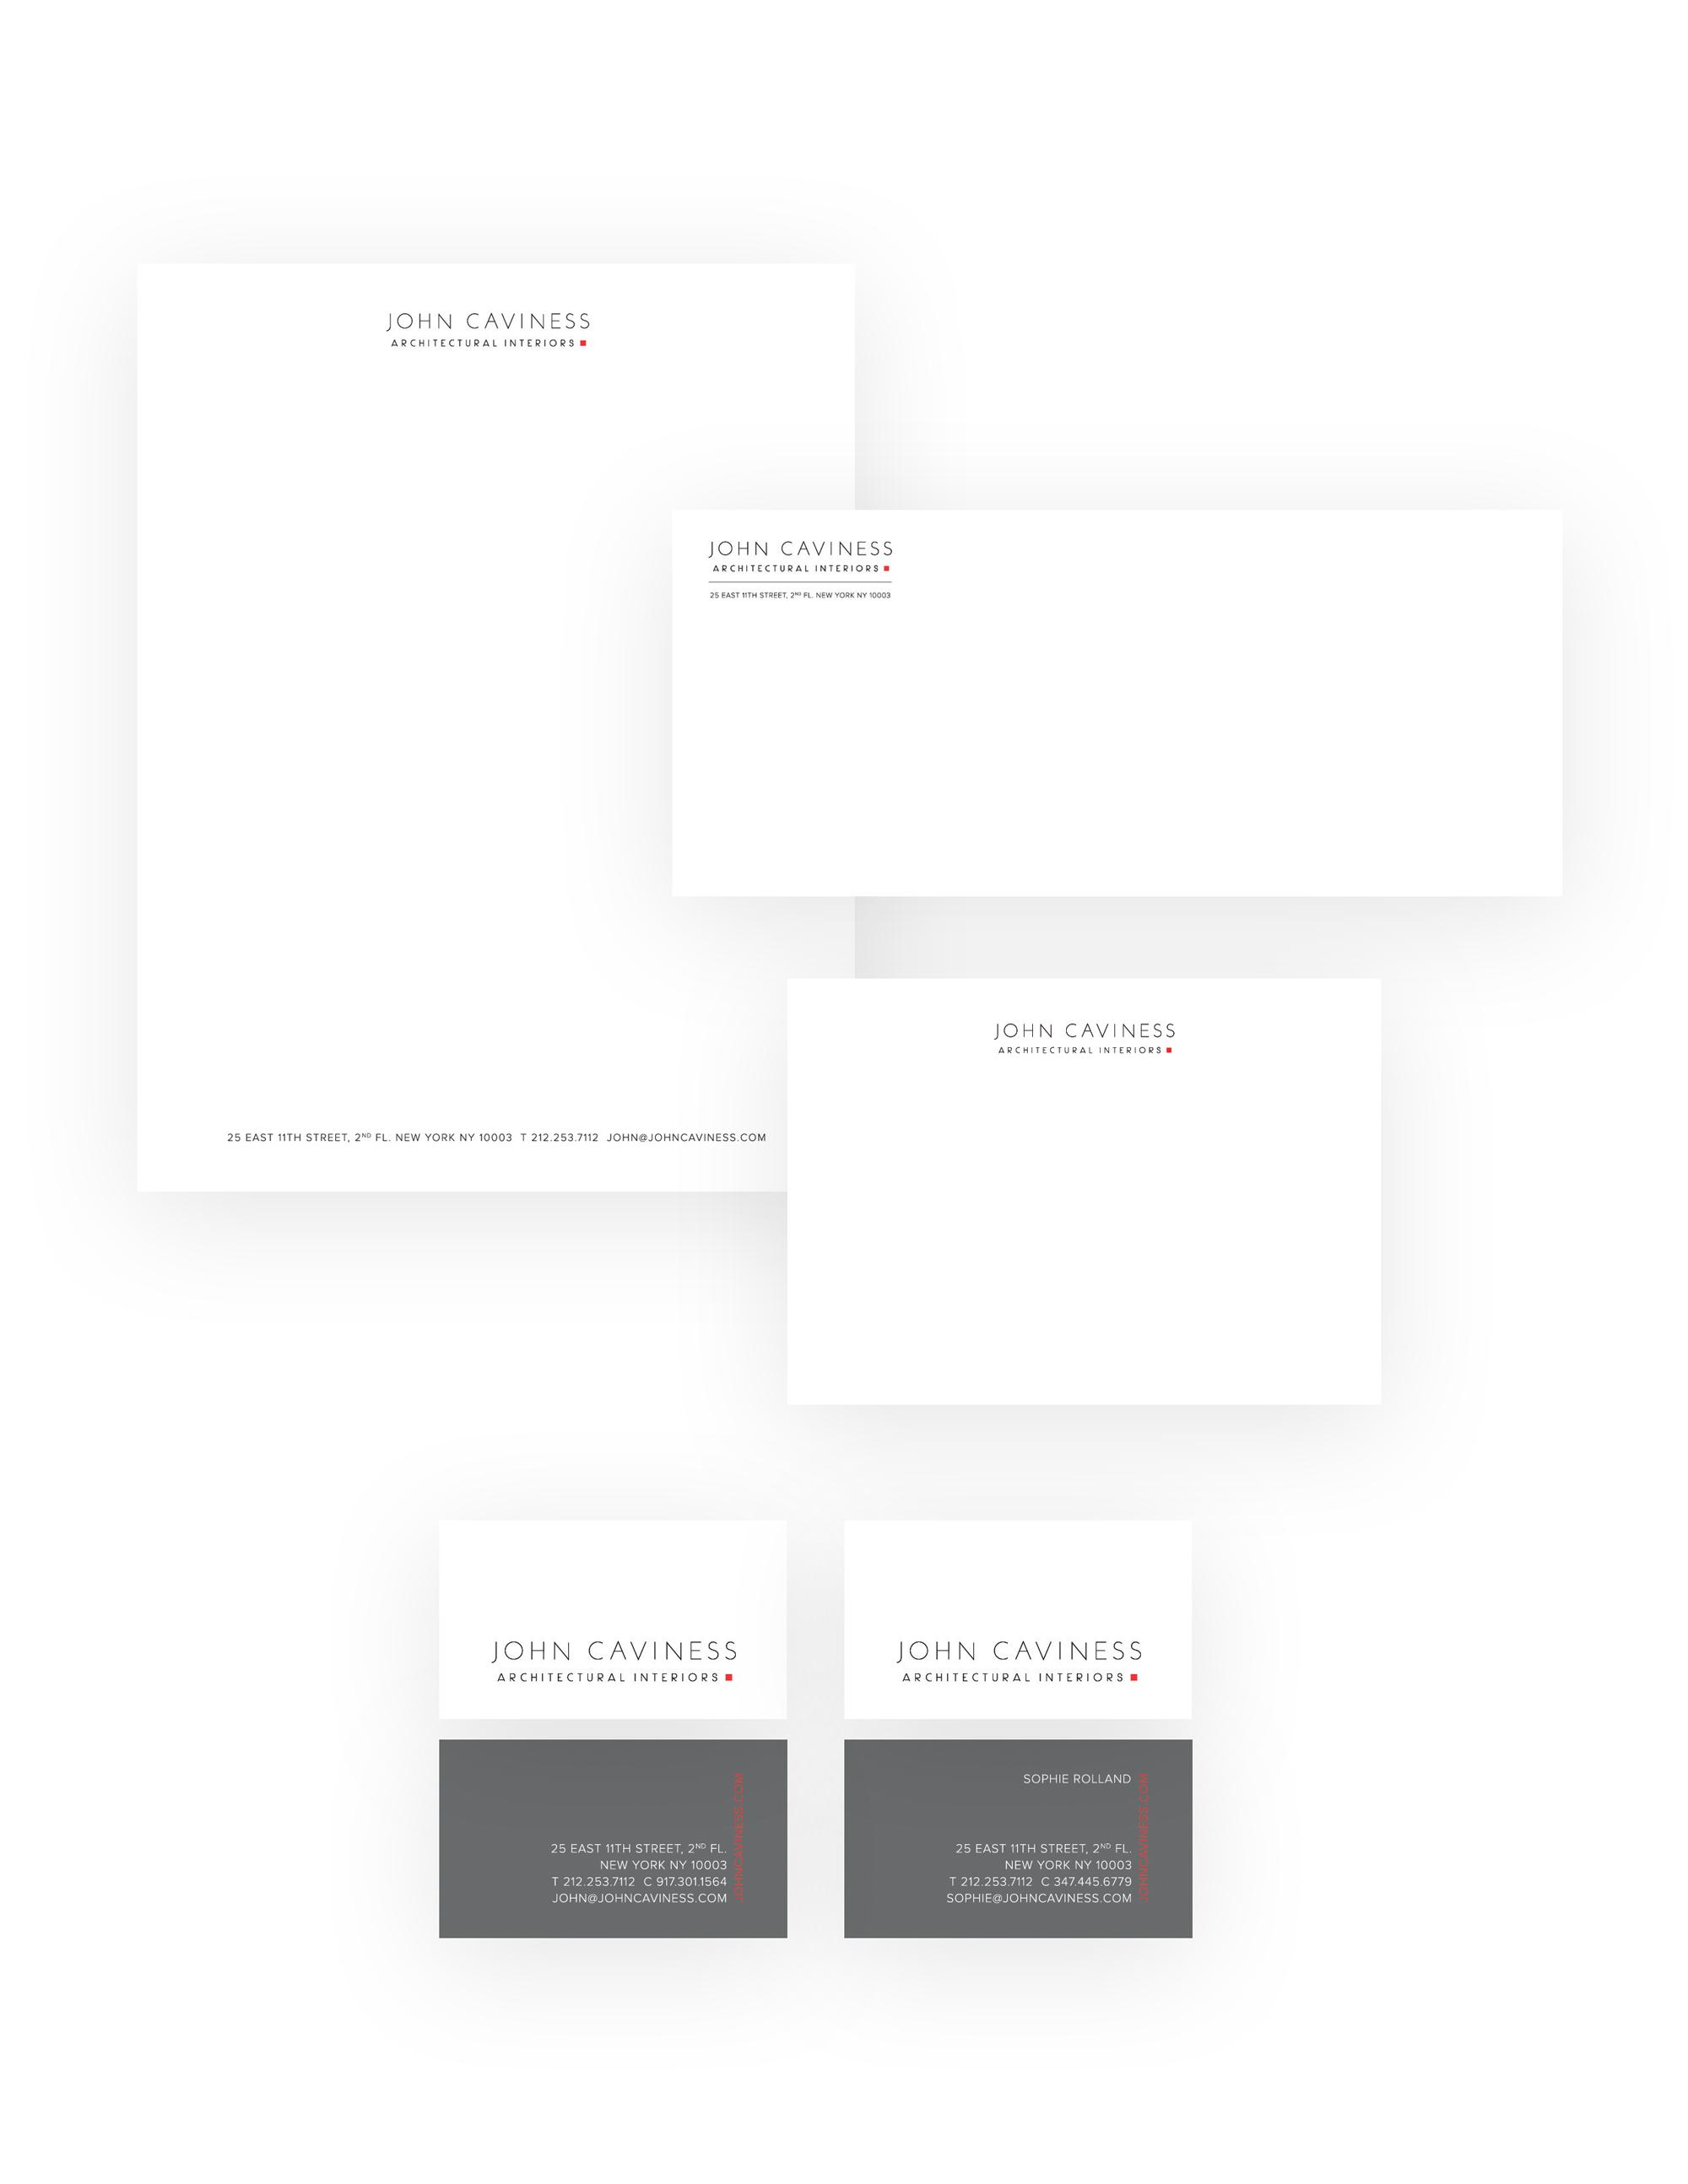 John Caviness Brand Design